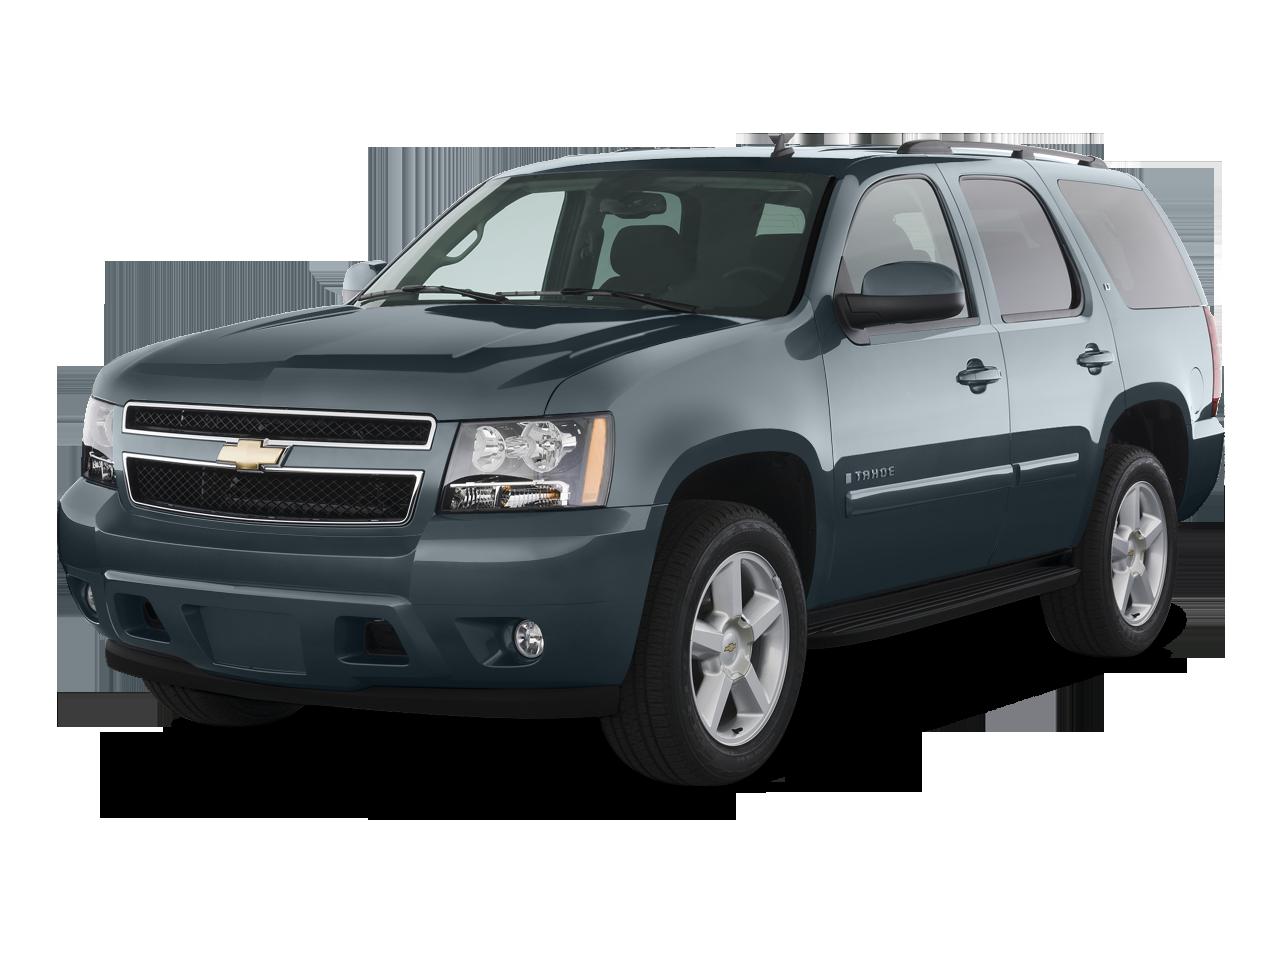 Used 2009 Chevrolet Tahoe Cincinnati OH